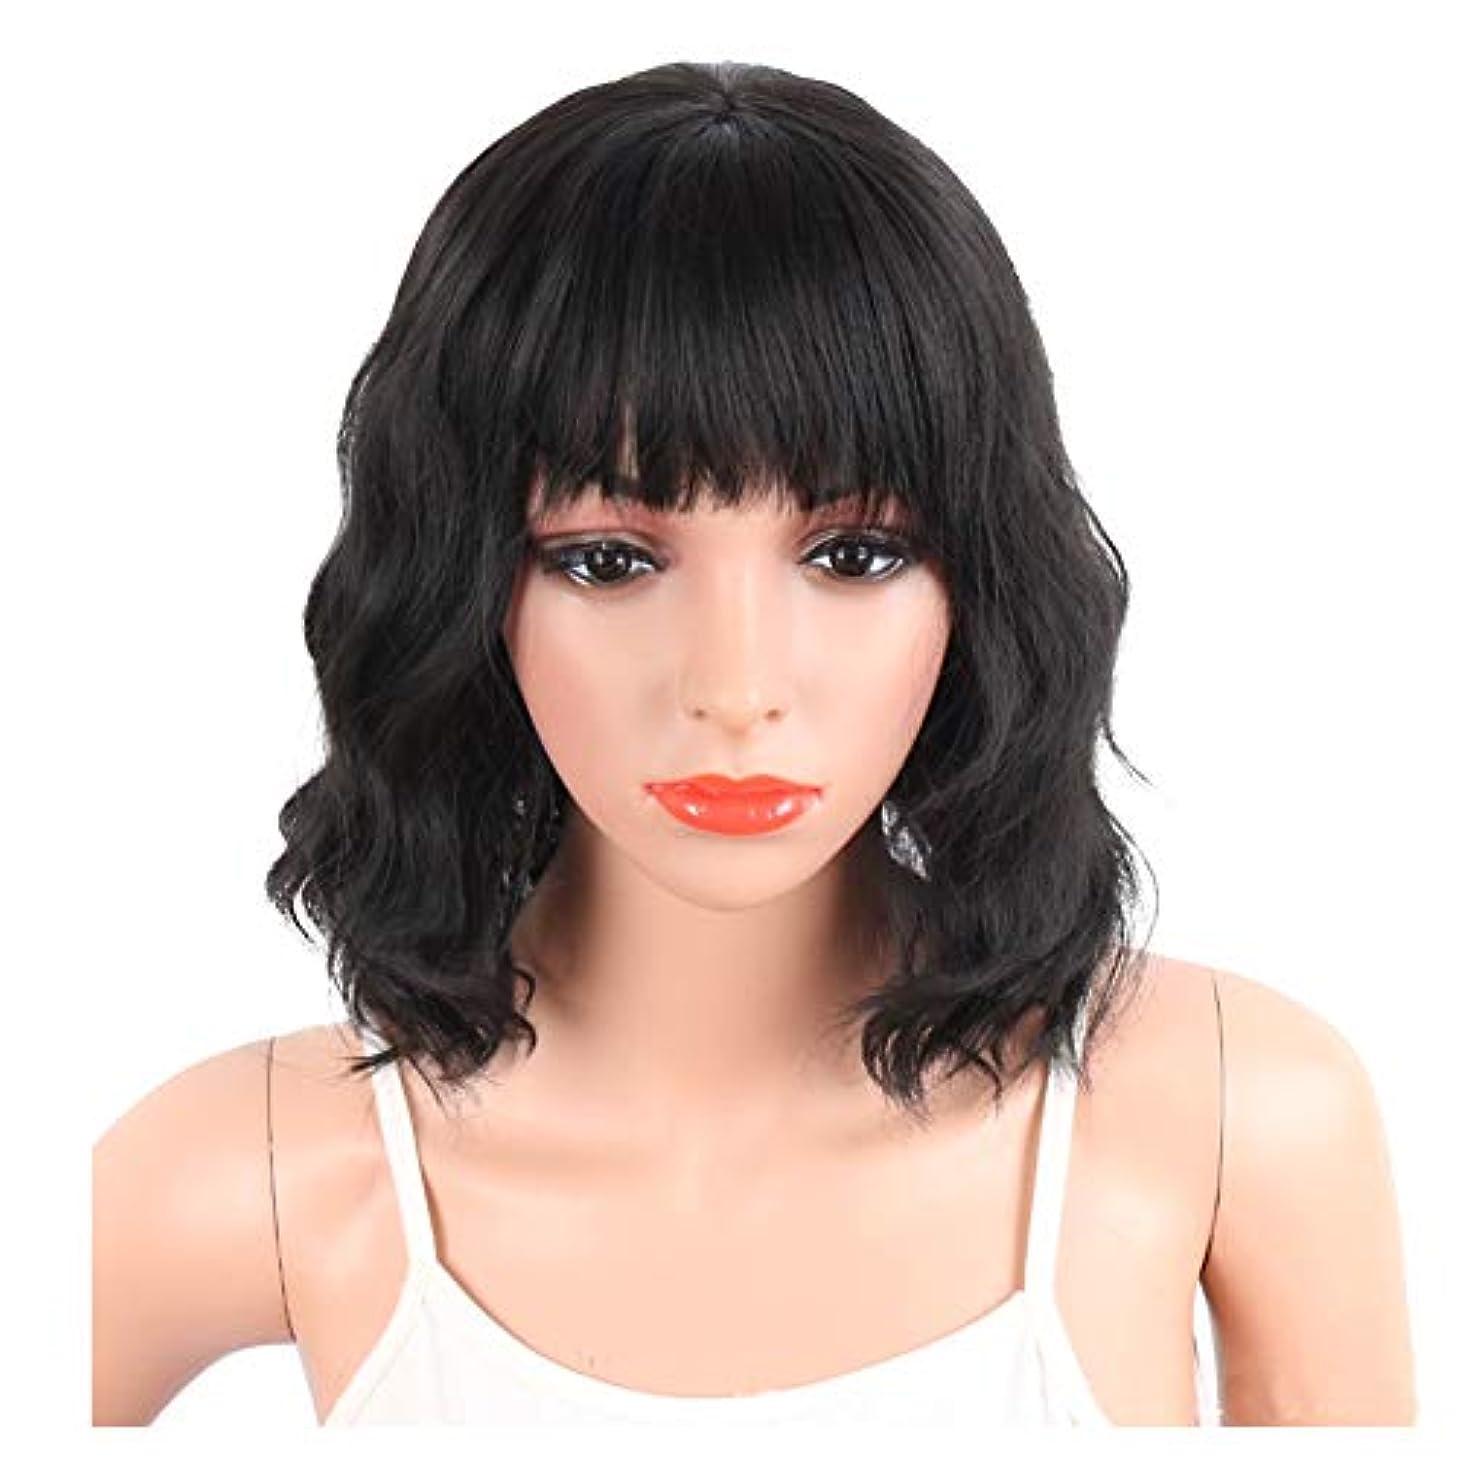 モック調査両方YOUQIU 10インチの女性のかつら用エア前髪コスプレ衣装デイリーパーティーウィッグの女性女の子ショートカーリーの合成ブラックウィッグ (色 : 黒, サイズ : 10